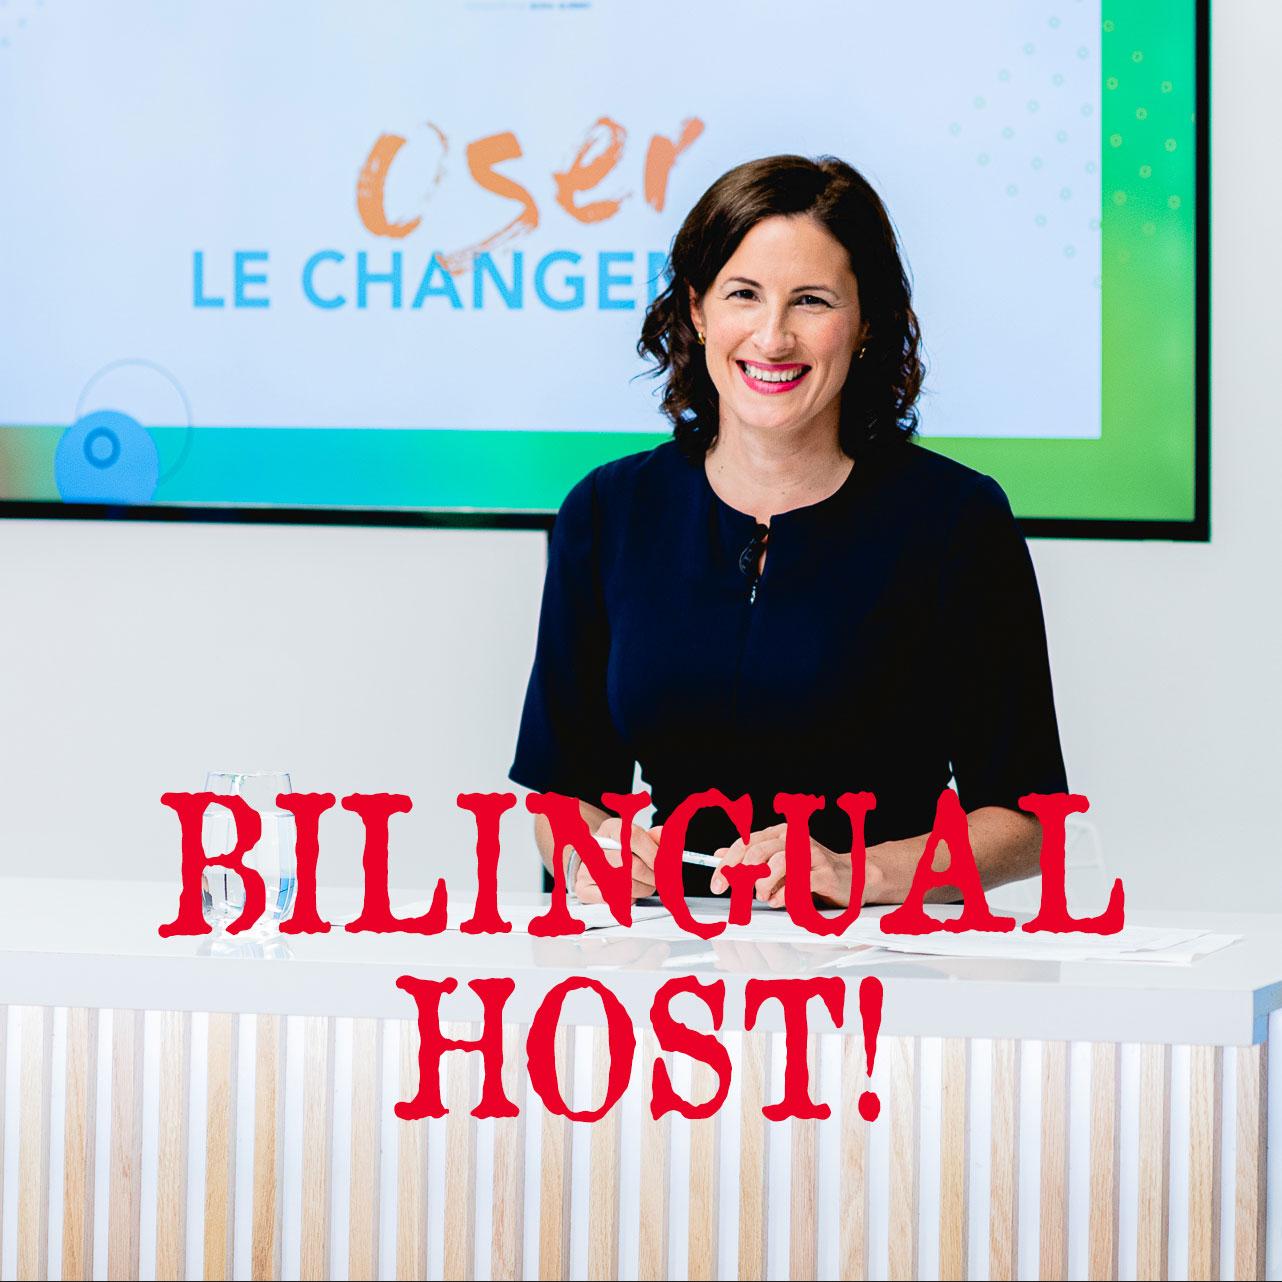 bilingual host